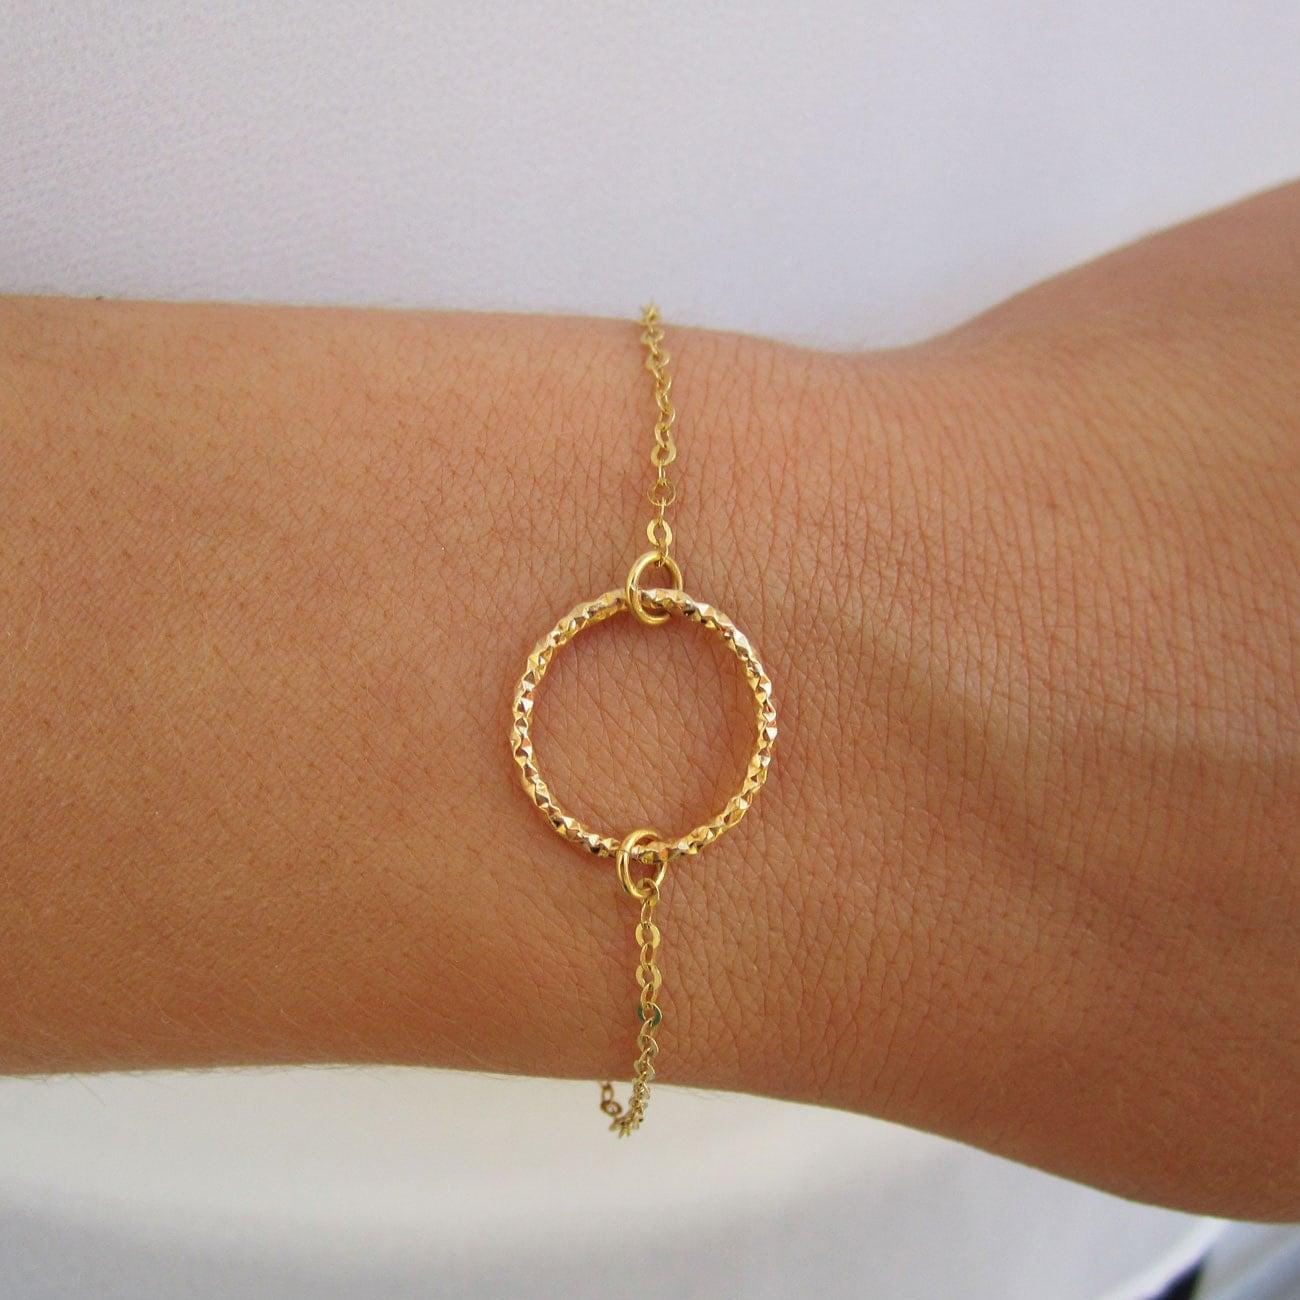 Gold Band Bracelet: Gold Ring Bracelet Dainty Bracelet Gold Circle Bracelet 14K